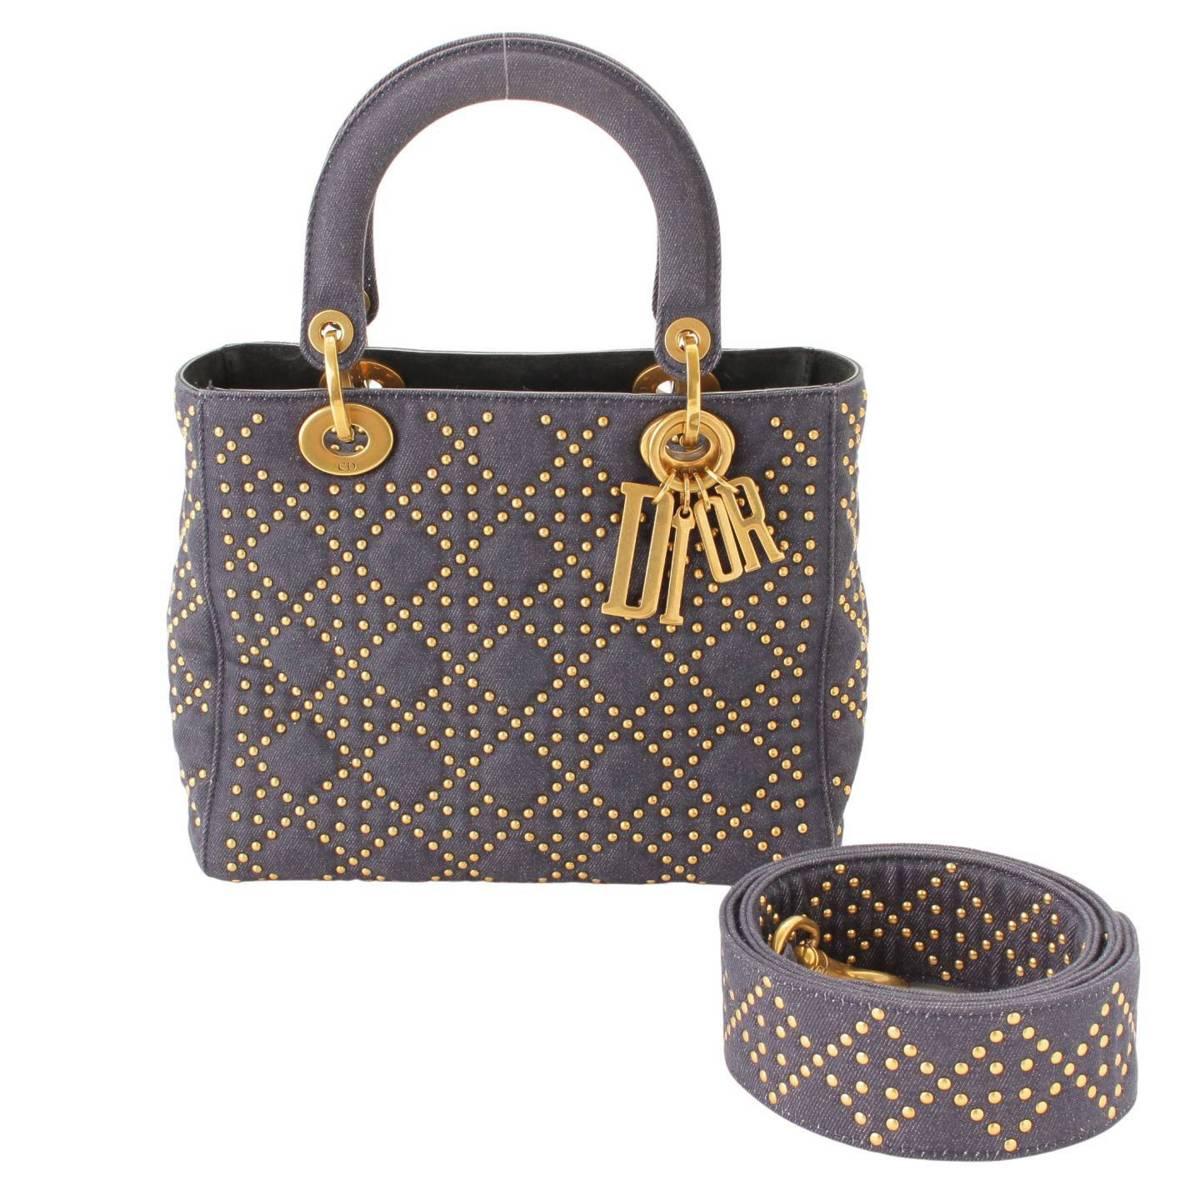 レディースバッグ, ハンドバッグ  Christian Dior 111402